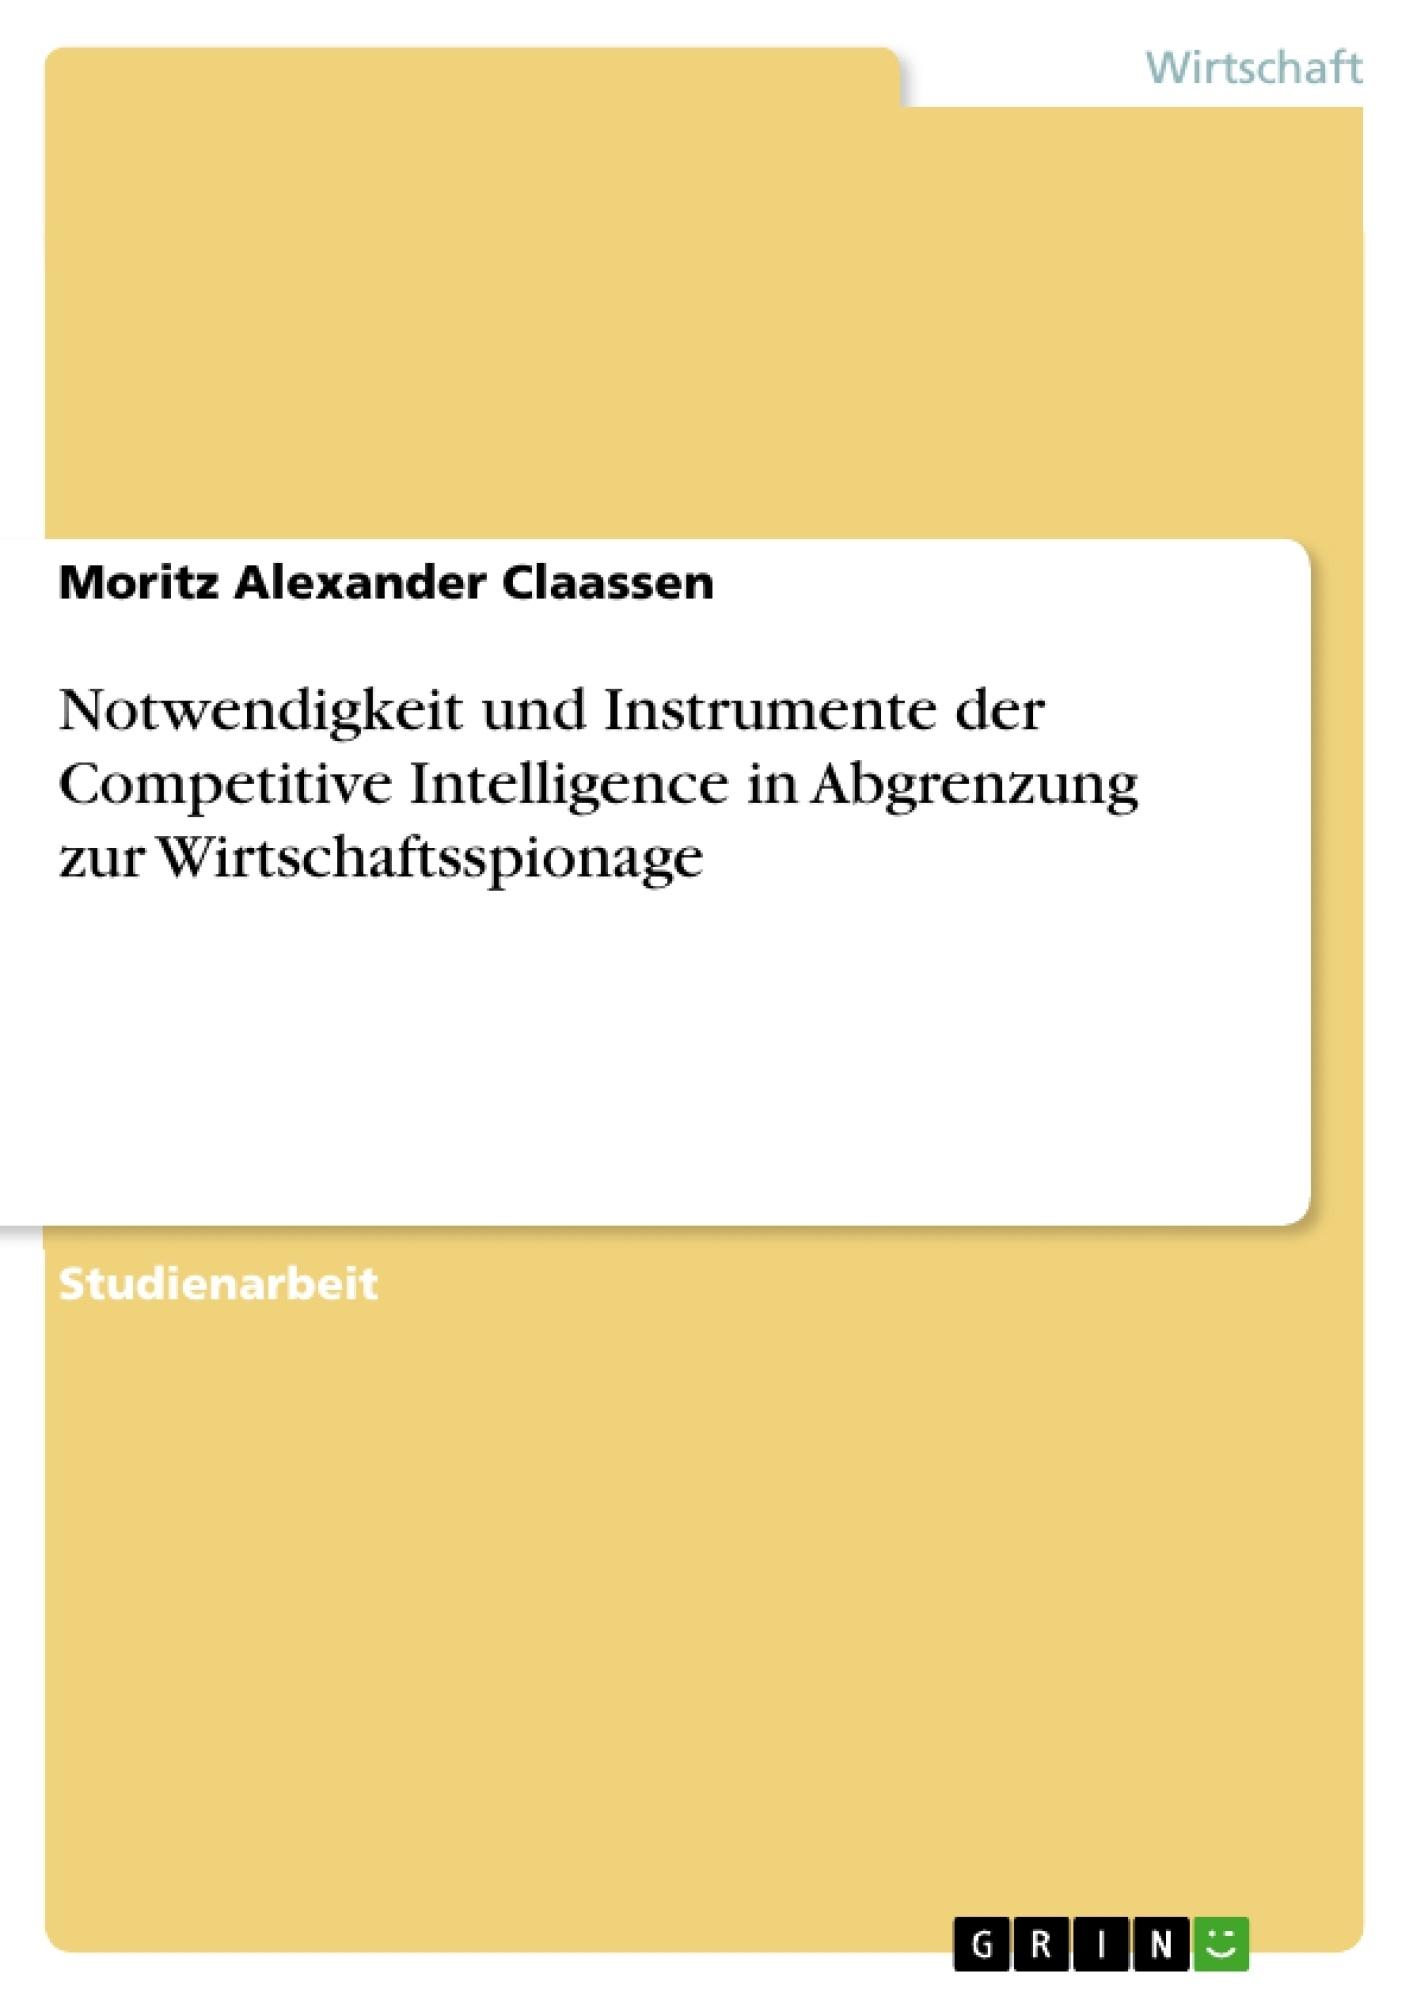 Titel: Notwendigkeit und Instrumente der  Competitive Intelligence in Abgrenzung zur Wirtschaftsspionage